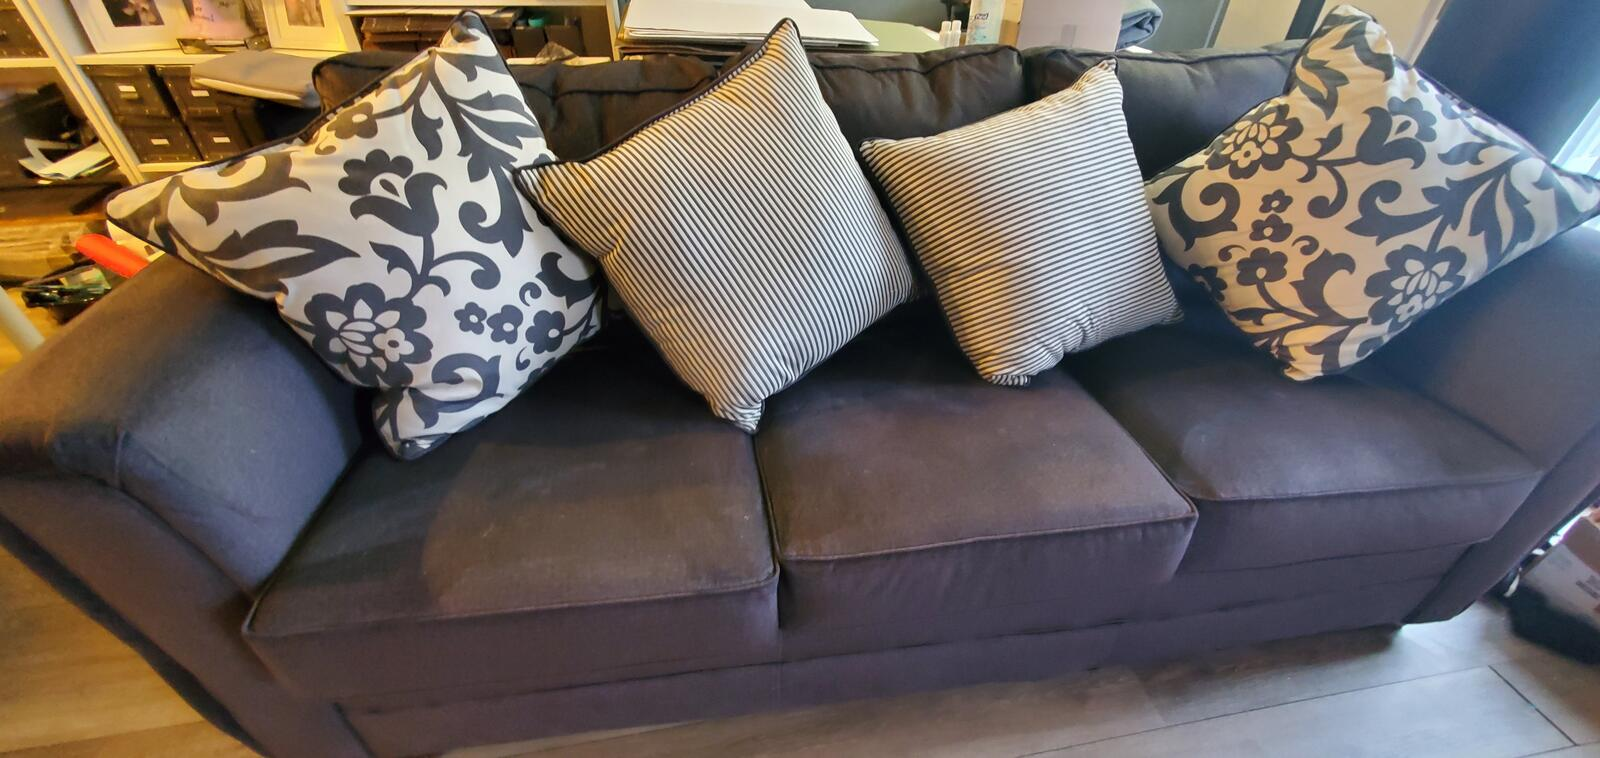 250 Dark Gray Couch Nextdoor